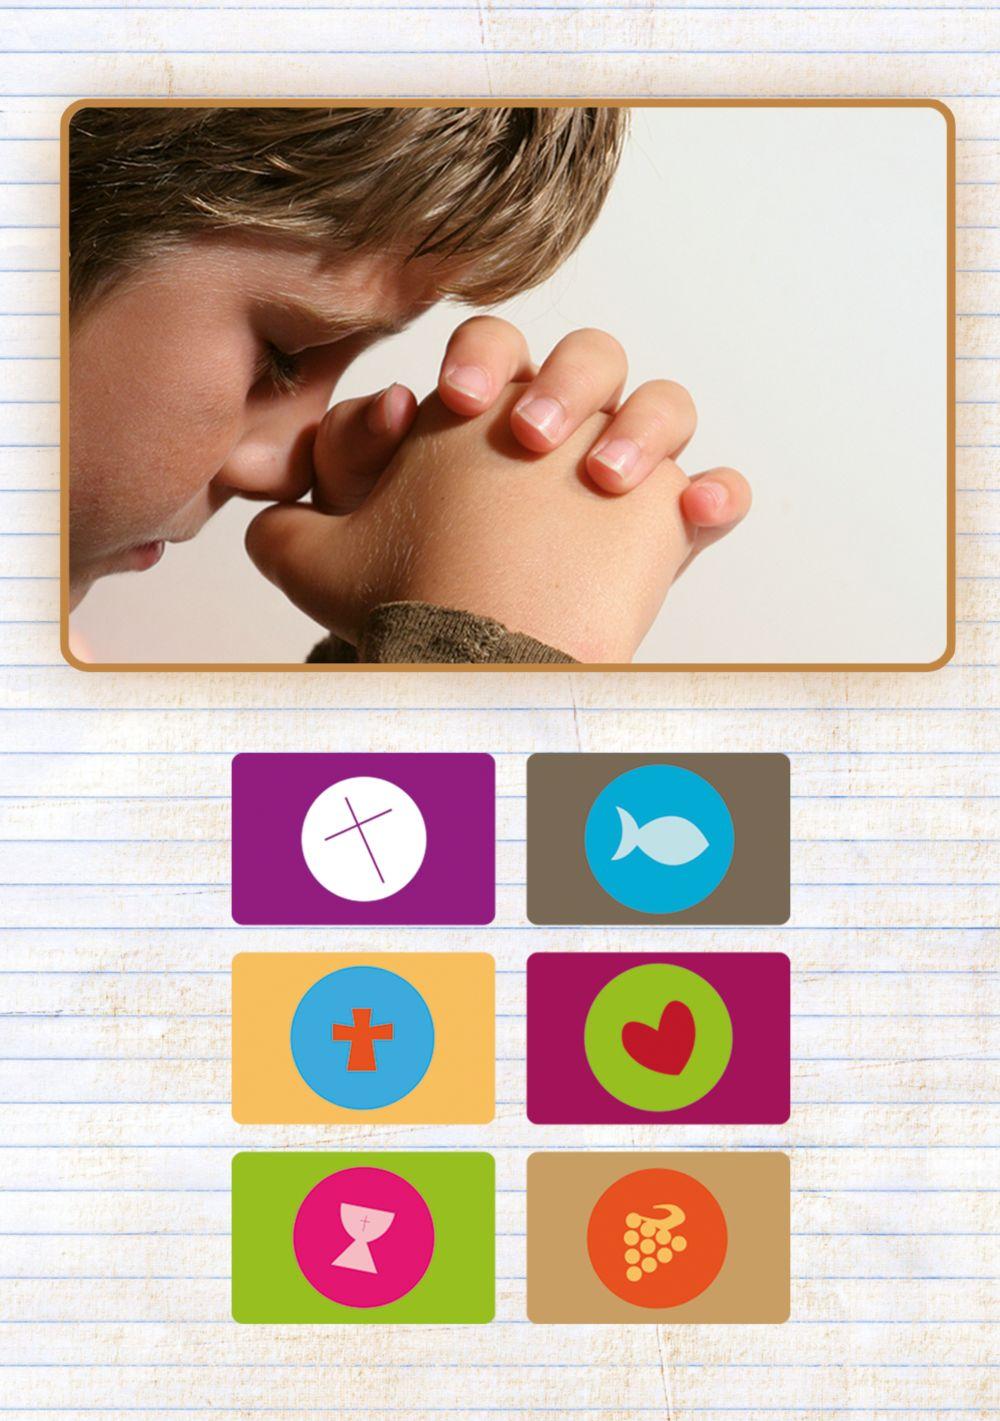 Ansicht 4 - Kommunionskarte buttons